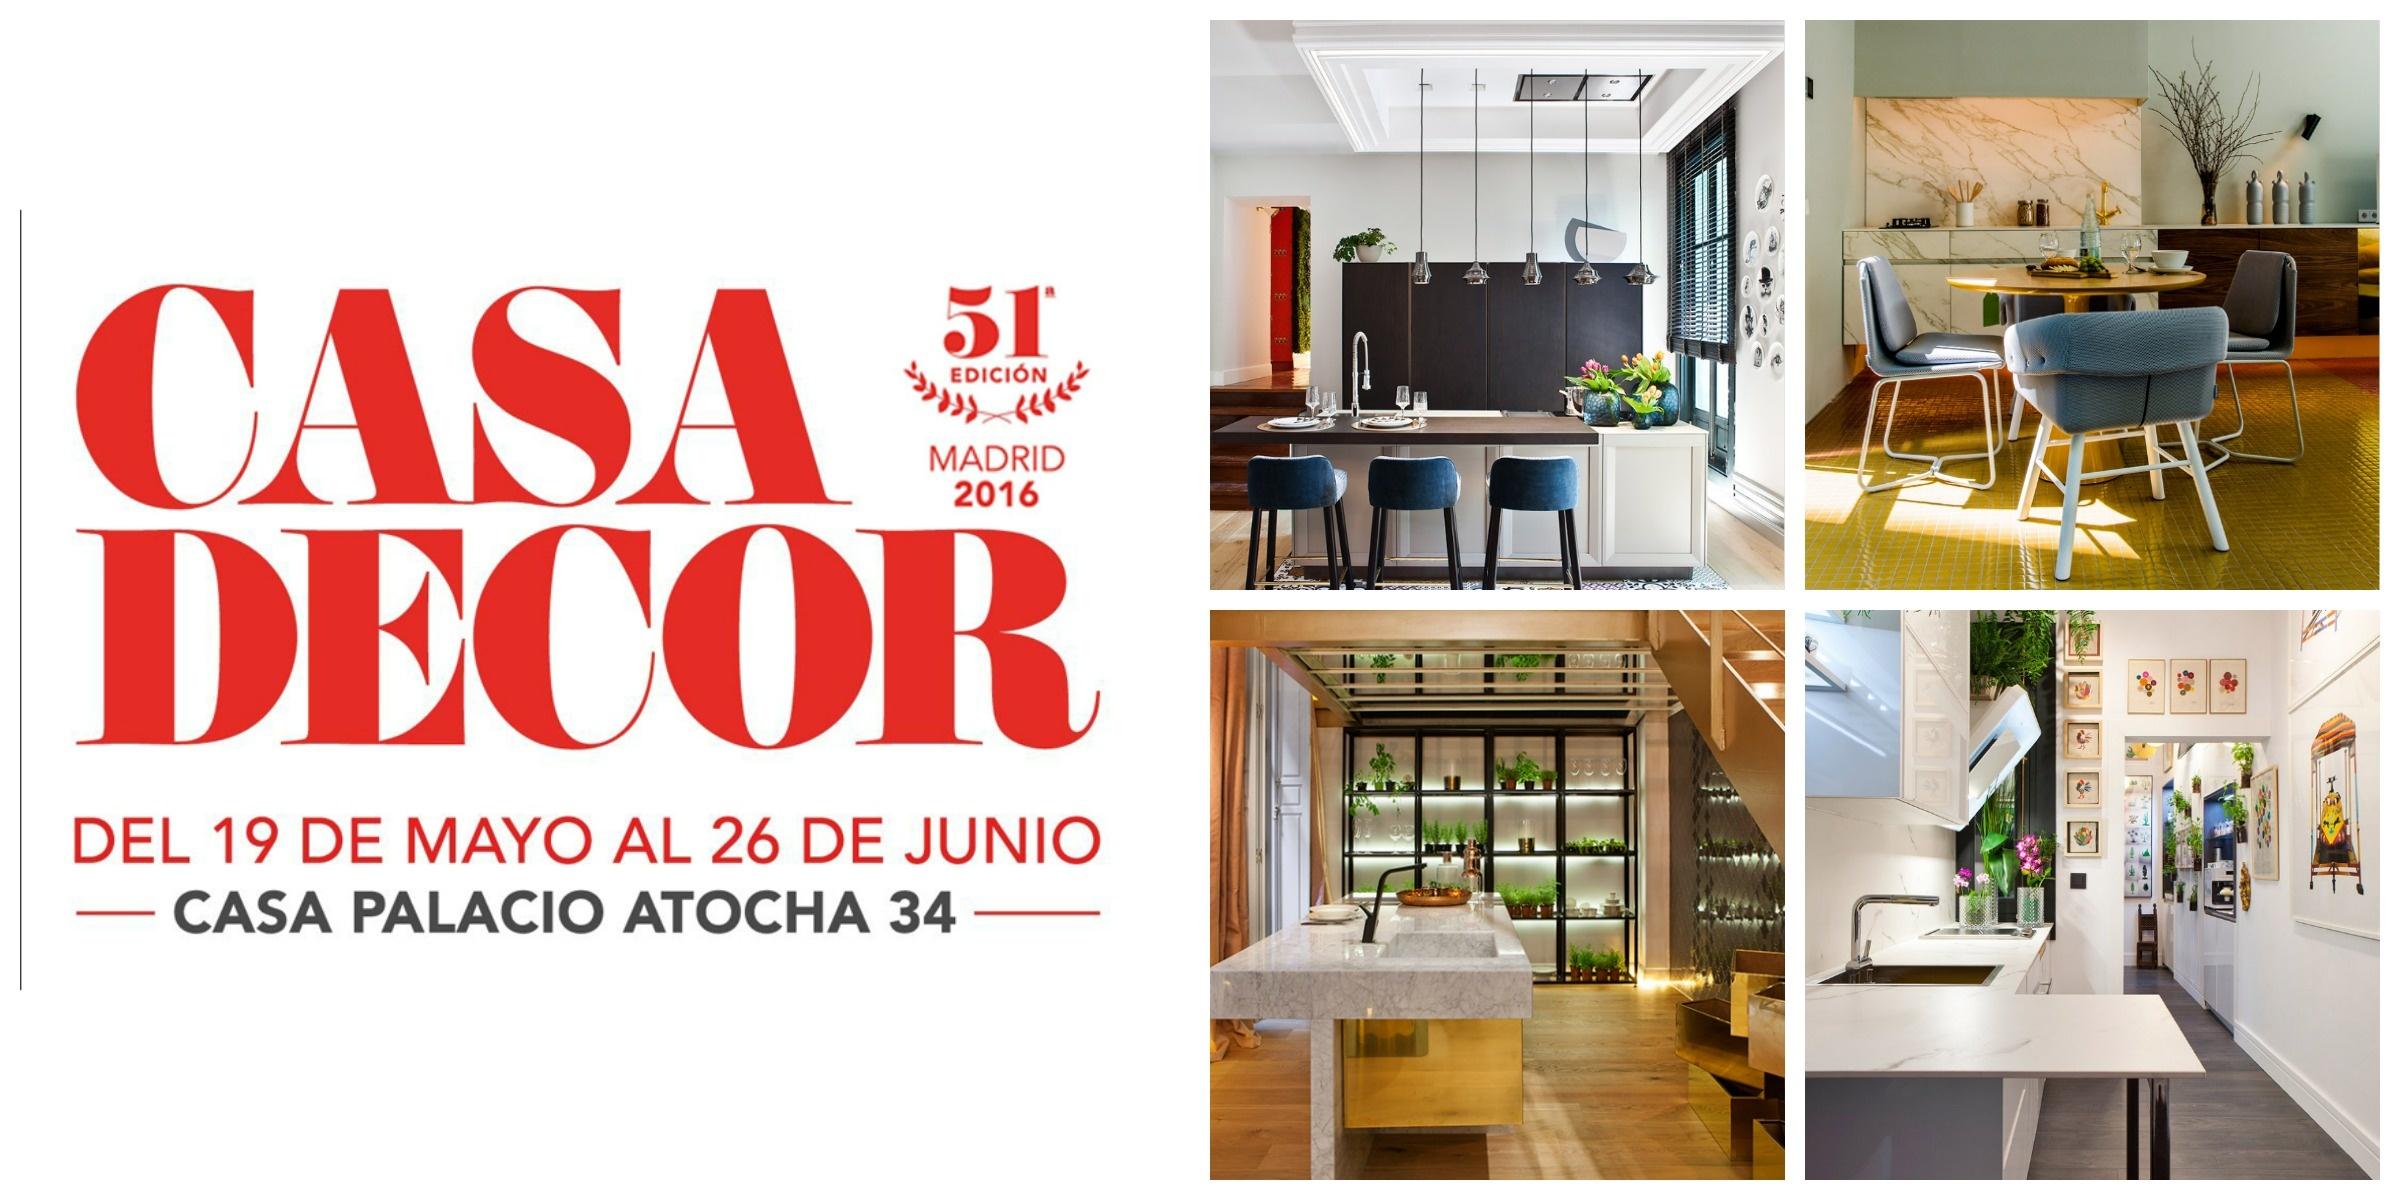 LAS COCINAS DE CASA DECOR 2016 - Blogs de Línea 3 Cocinas, Diseño de ...